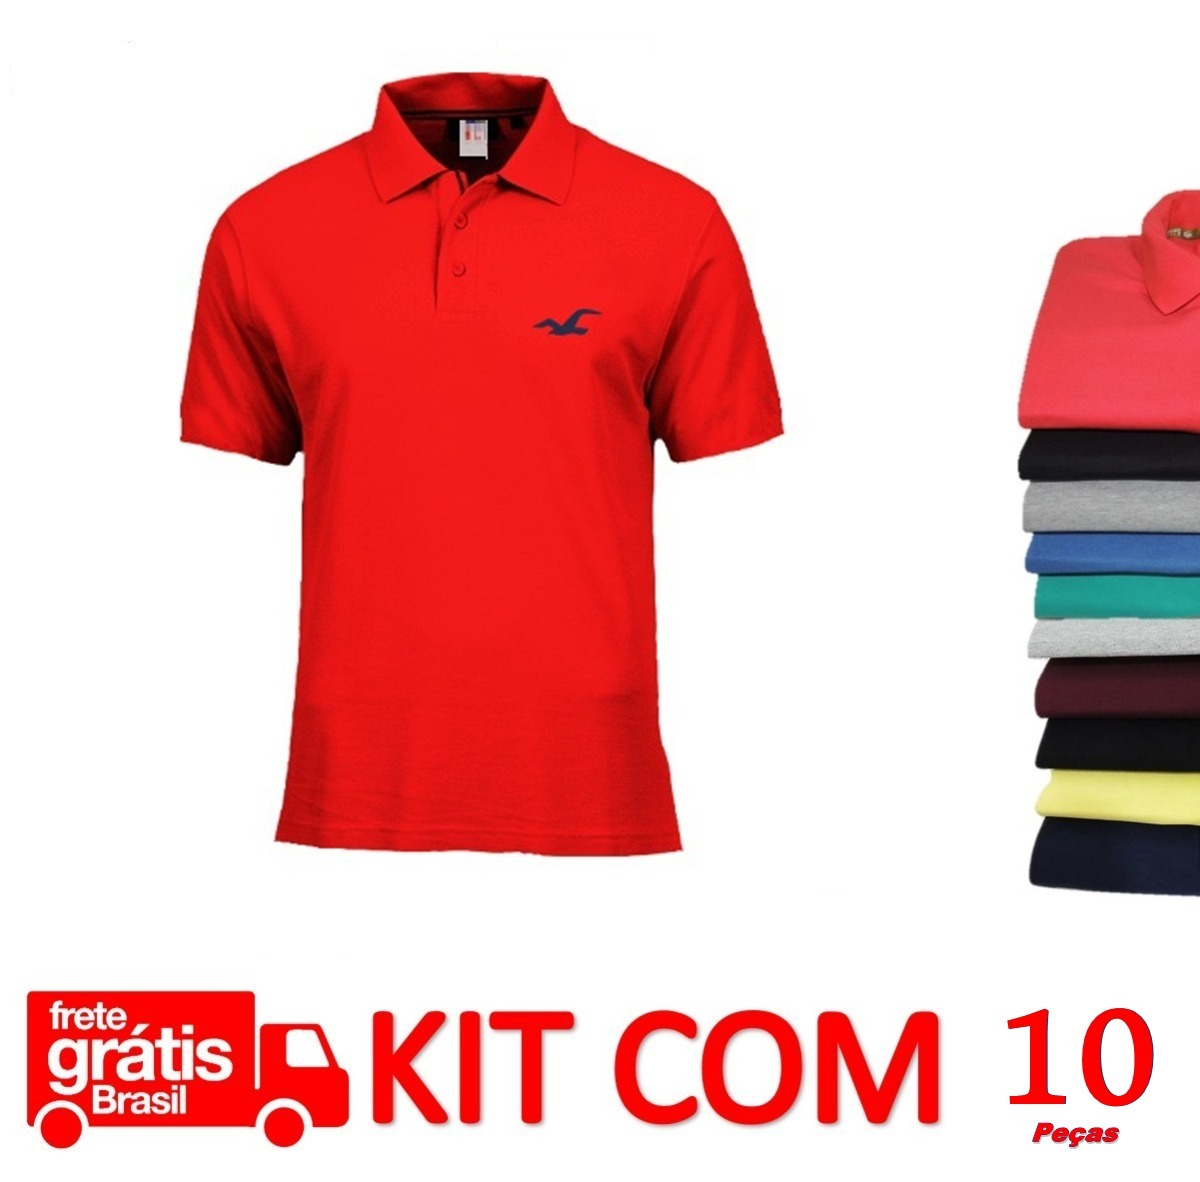 871e85a00c10a roupa masculina 10 camisas polo básica promoção frete grátis. Carregando  zoom.